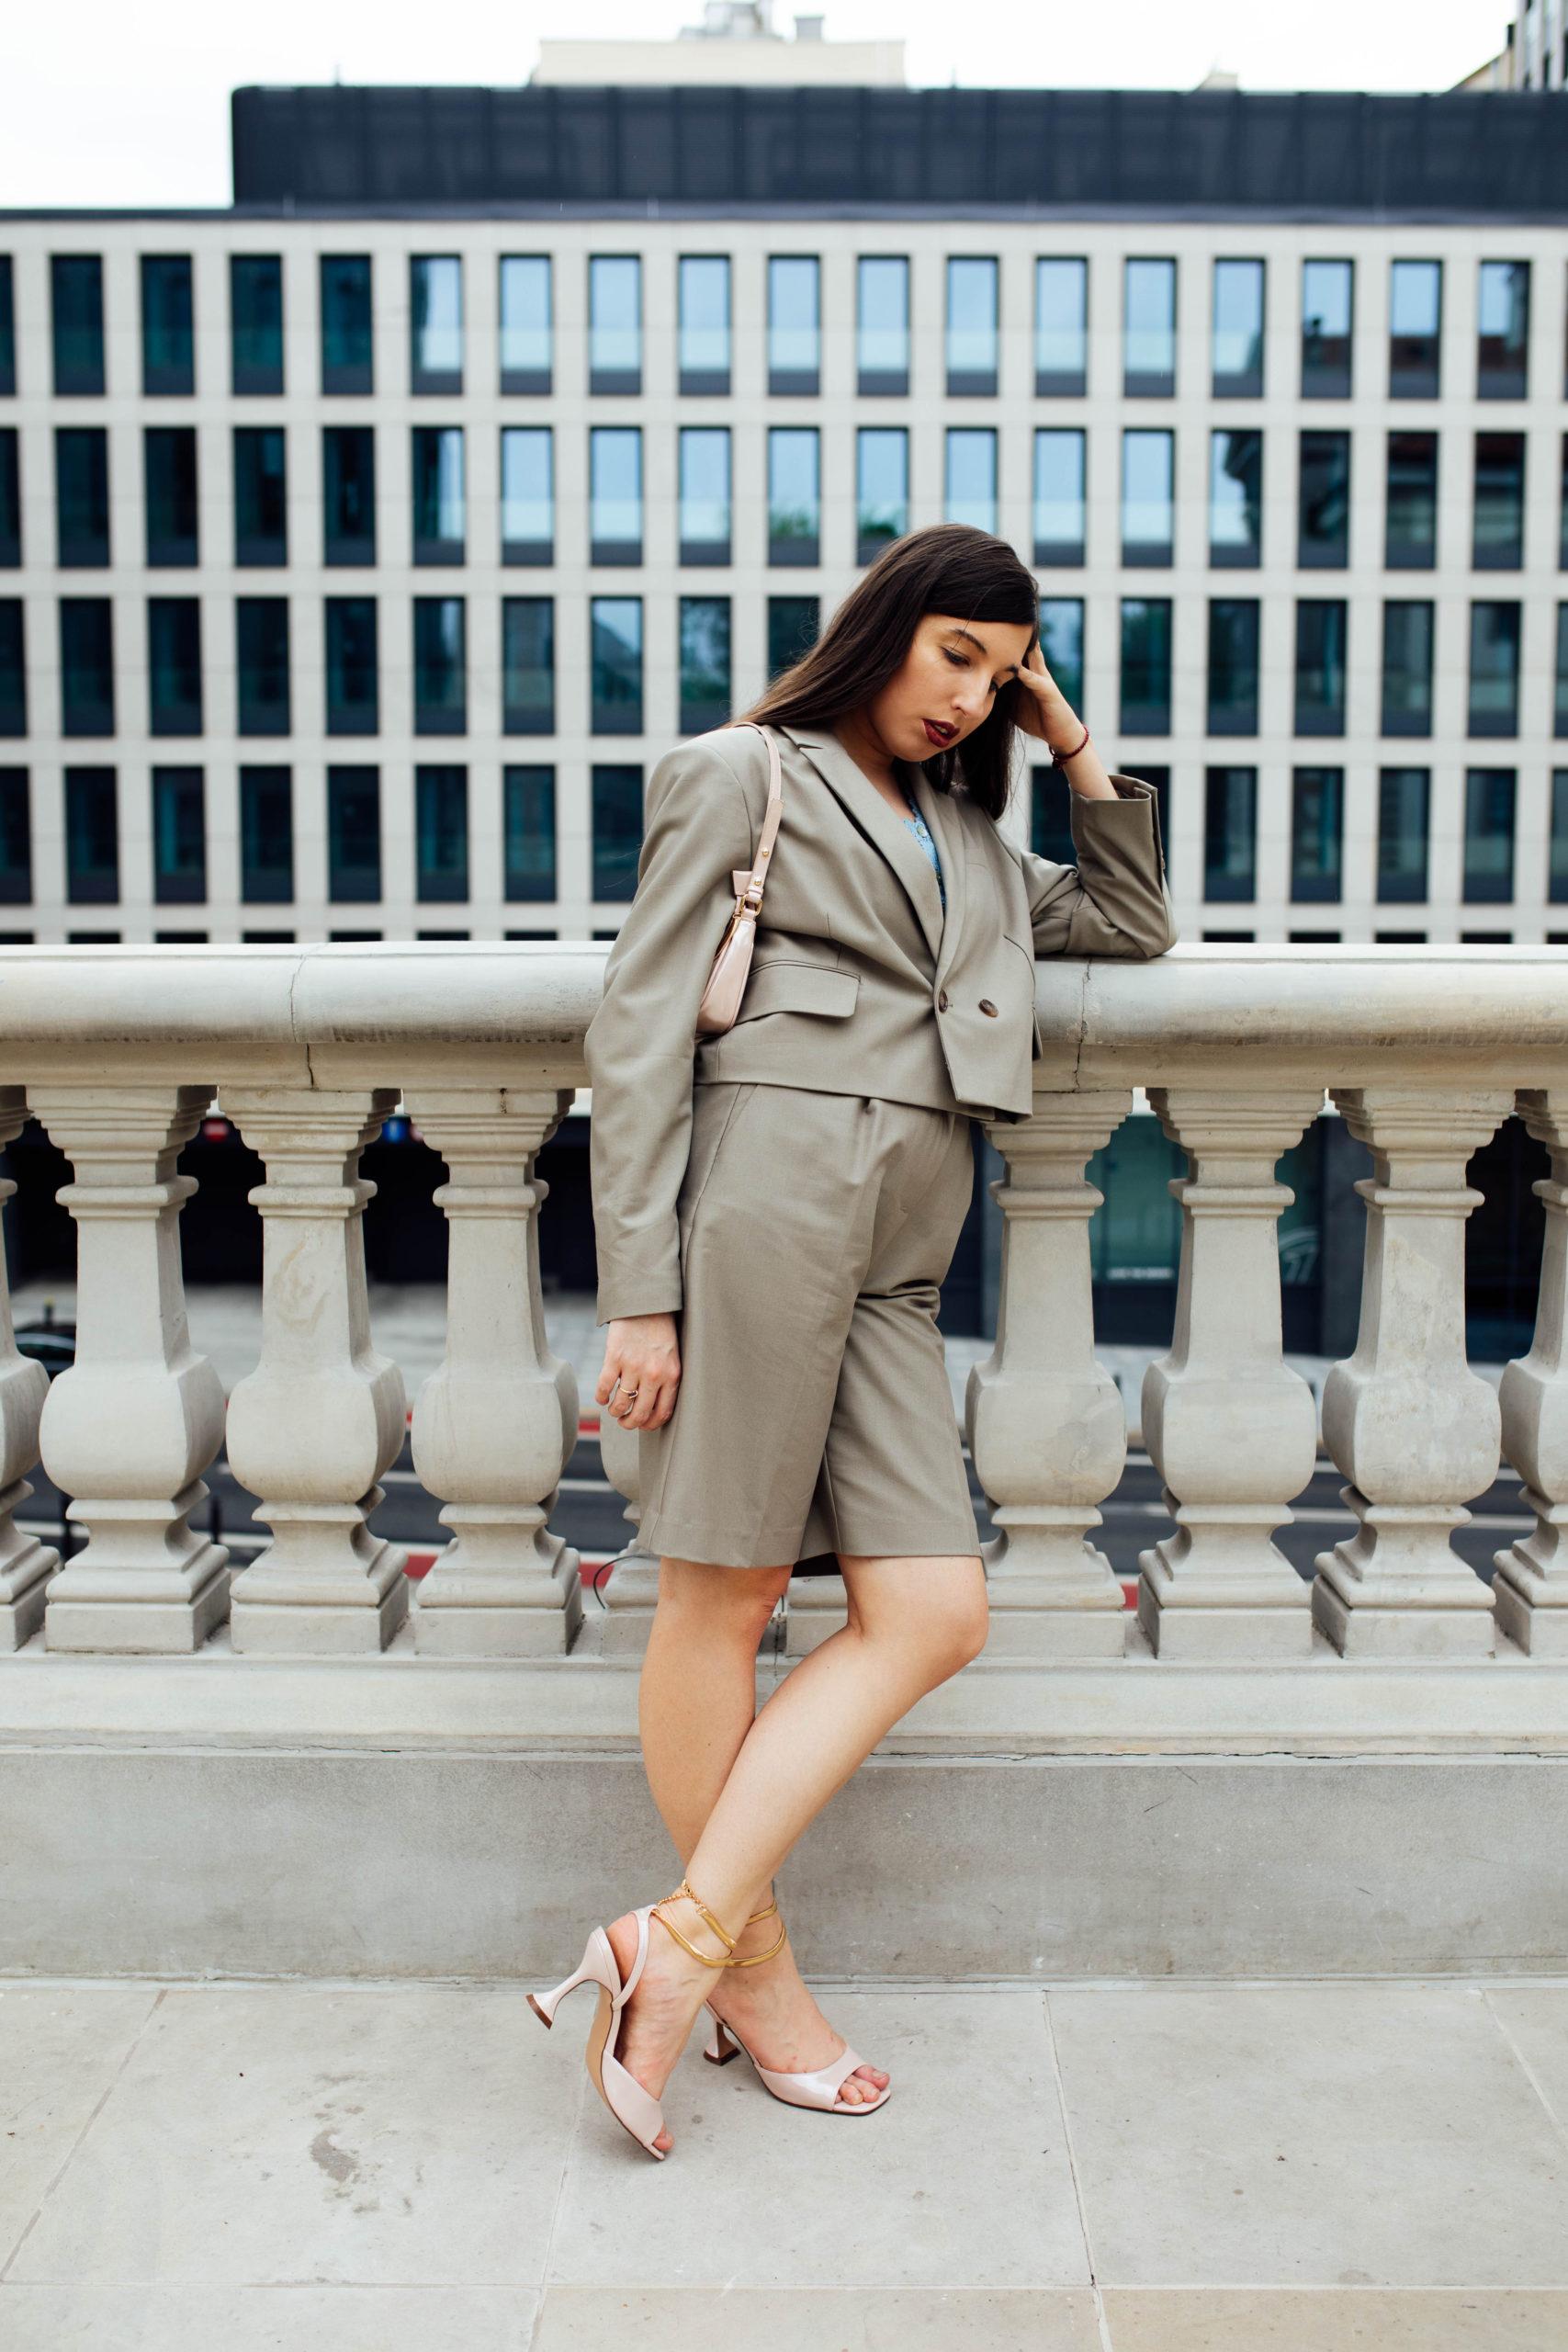 blogerka-modowa-stylistka-warszawa-anrik